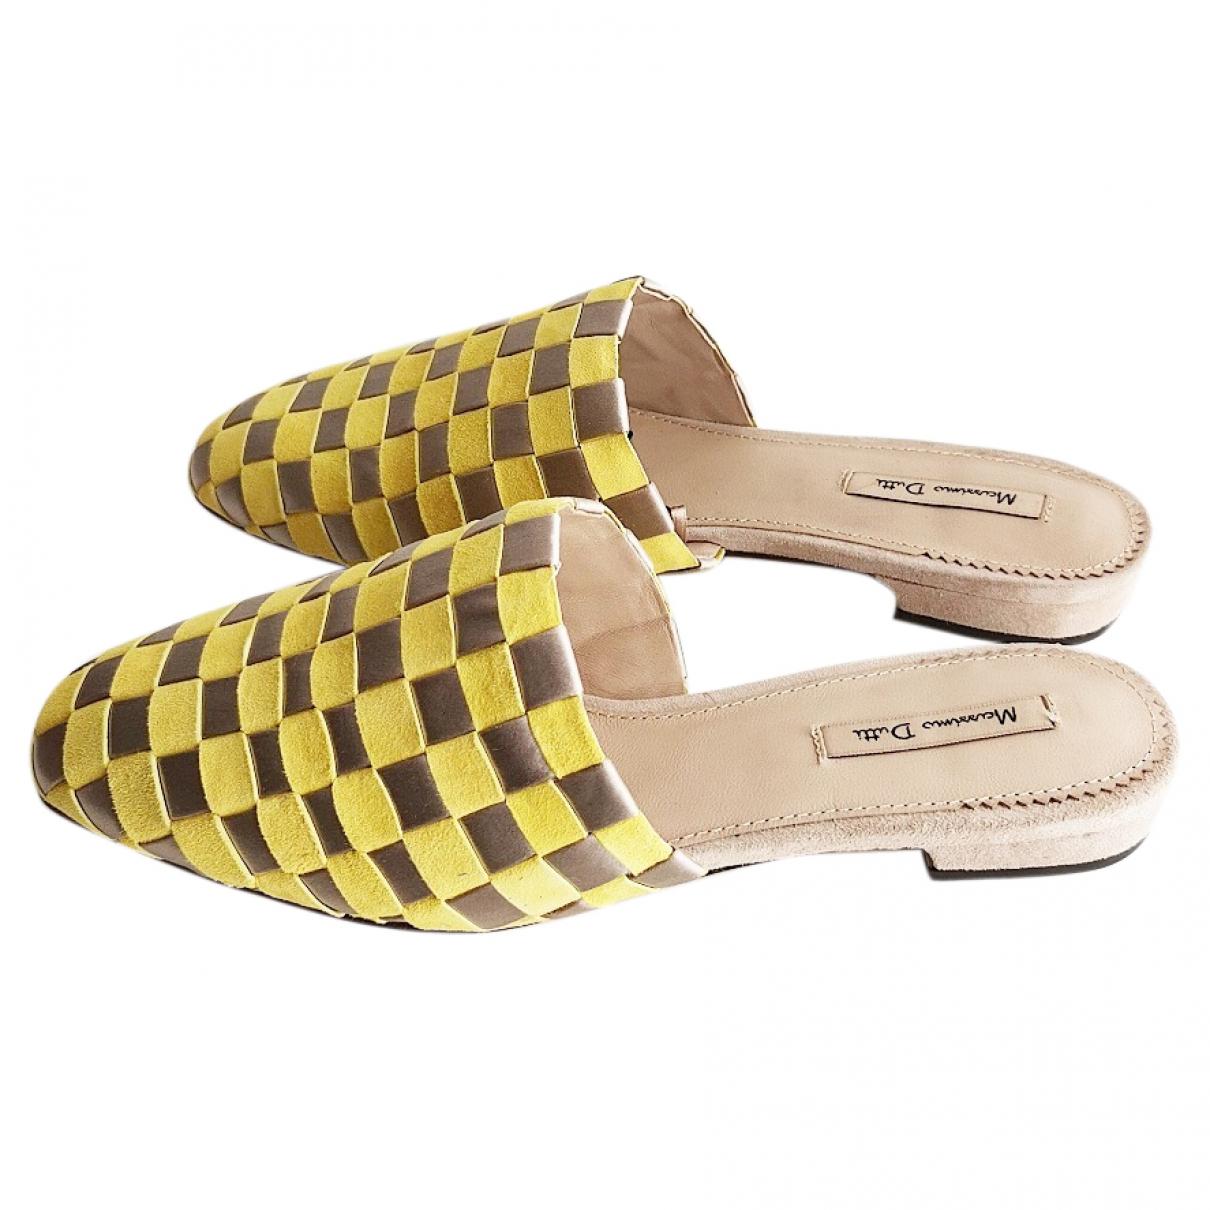 Massimo Dutti - Sandales   pour femme en suede - jaune